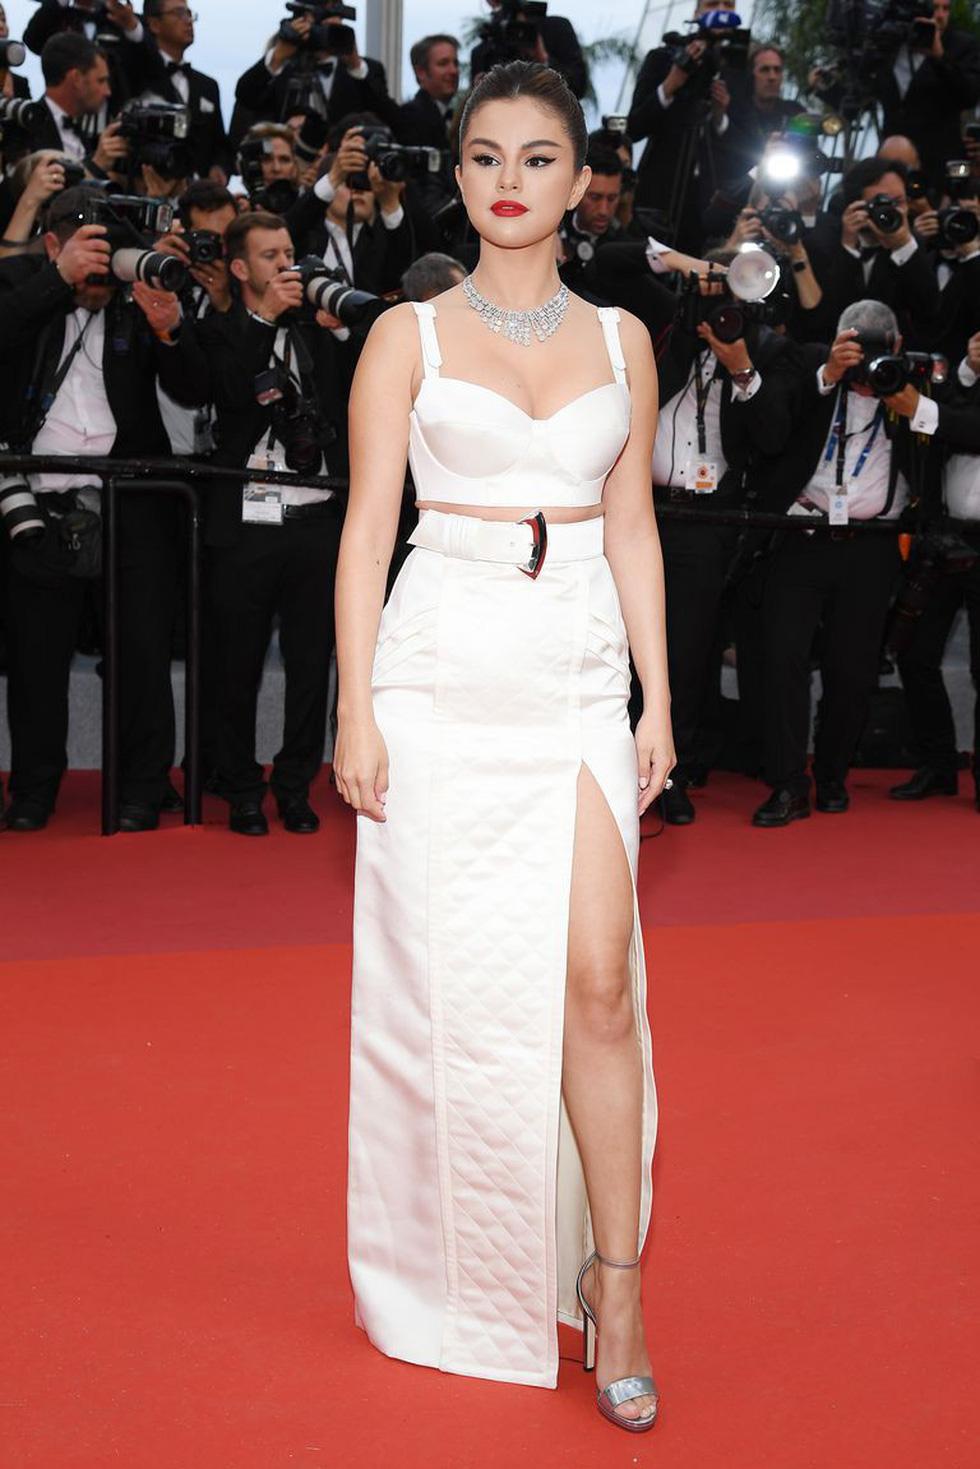 Cannes khai mạc với zombie, chính trị và bình đẳng giới - Ảnh 4.